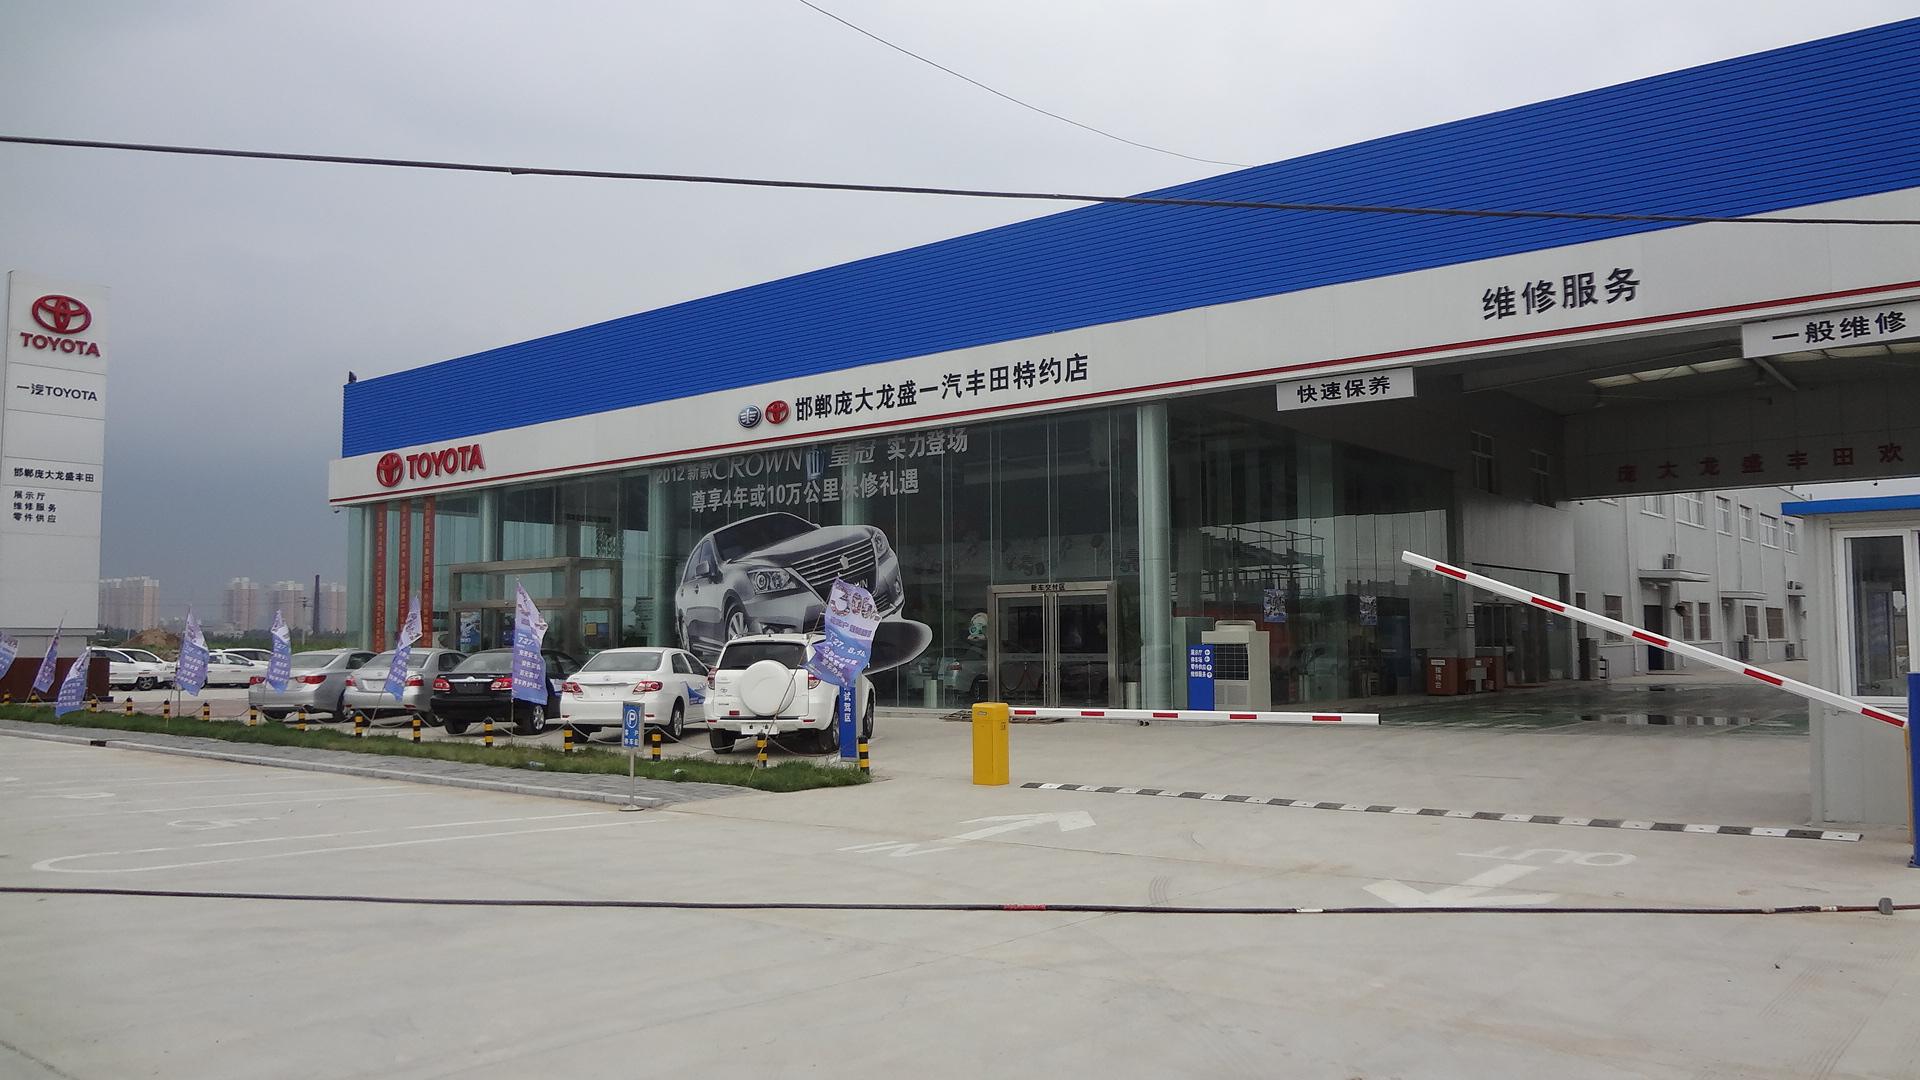 售后服务接待_邯郸庞大龙盛丰田汽车销售服务有限公司